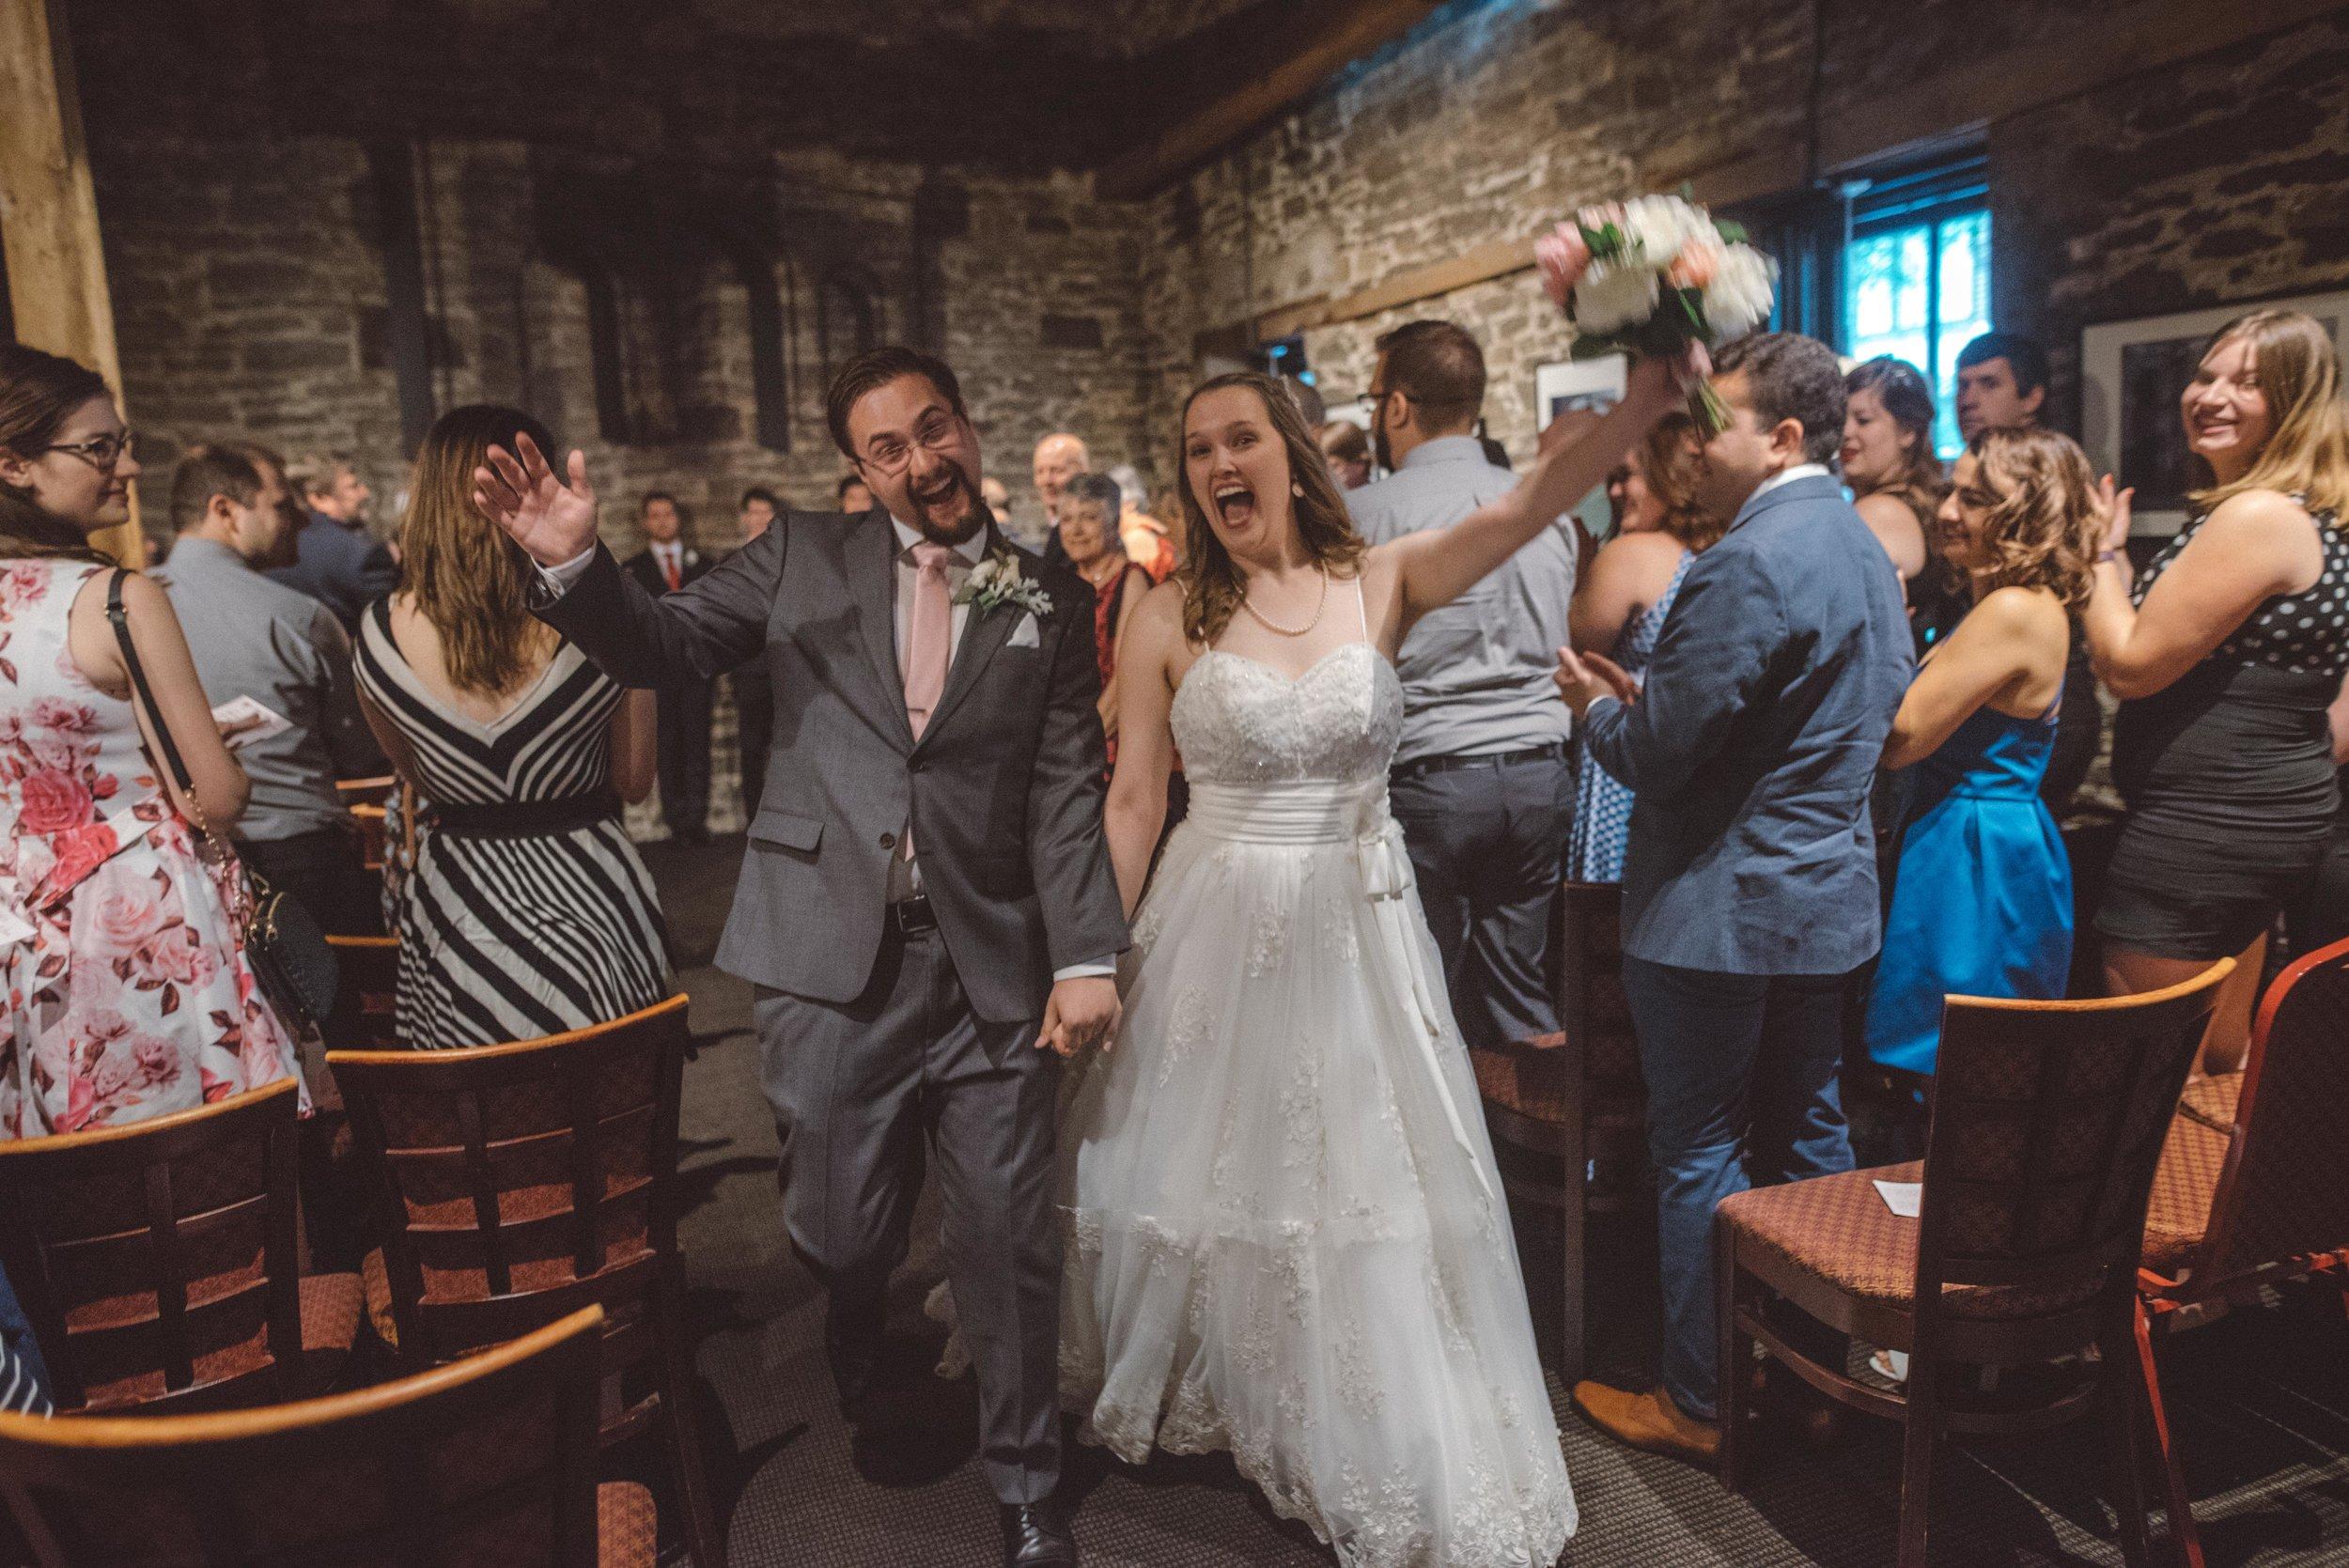 wedding_photographer_lifestyle_documentary_photographe_ottawa_gatineau-31.jpg